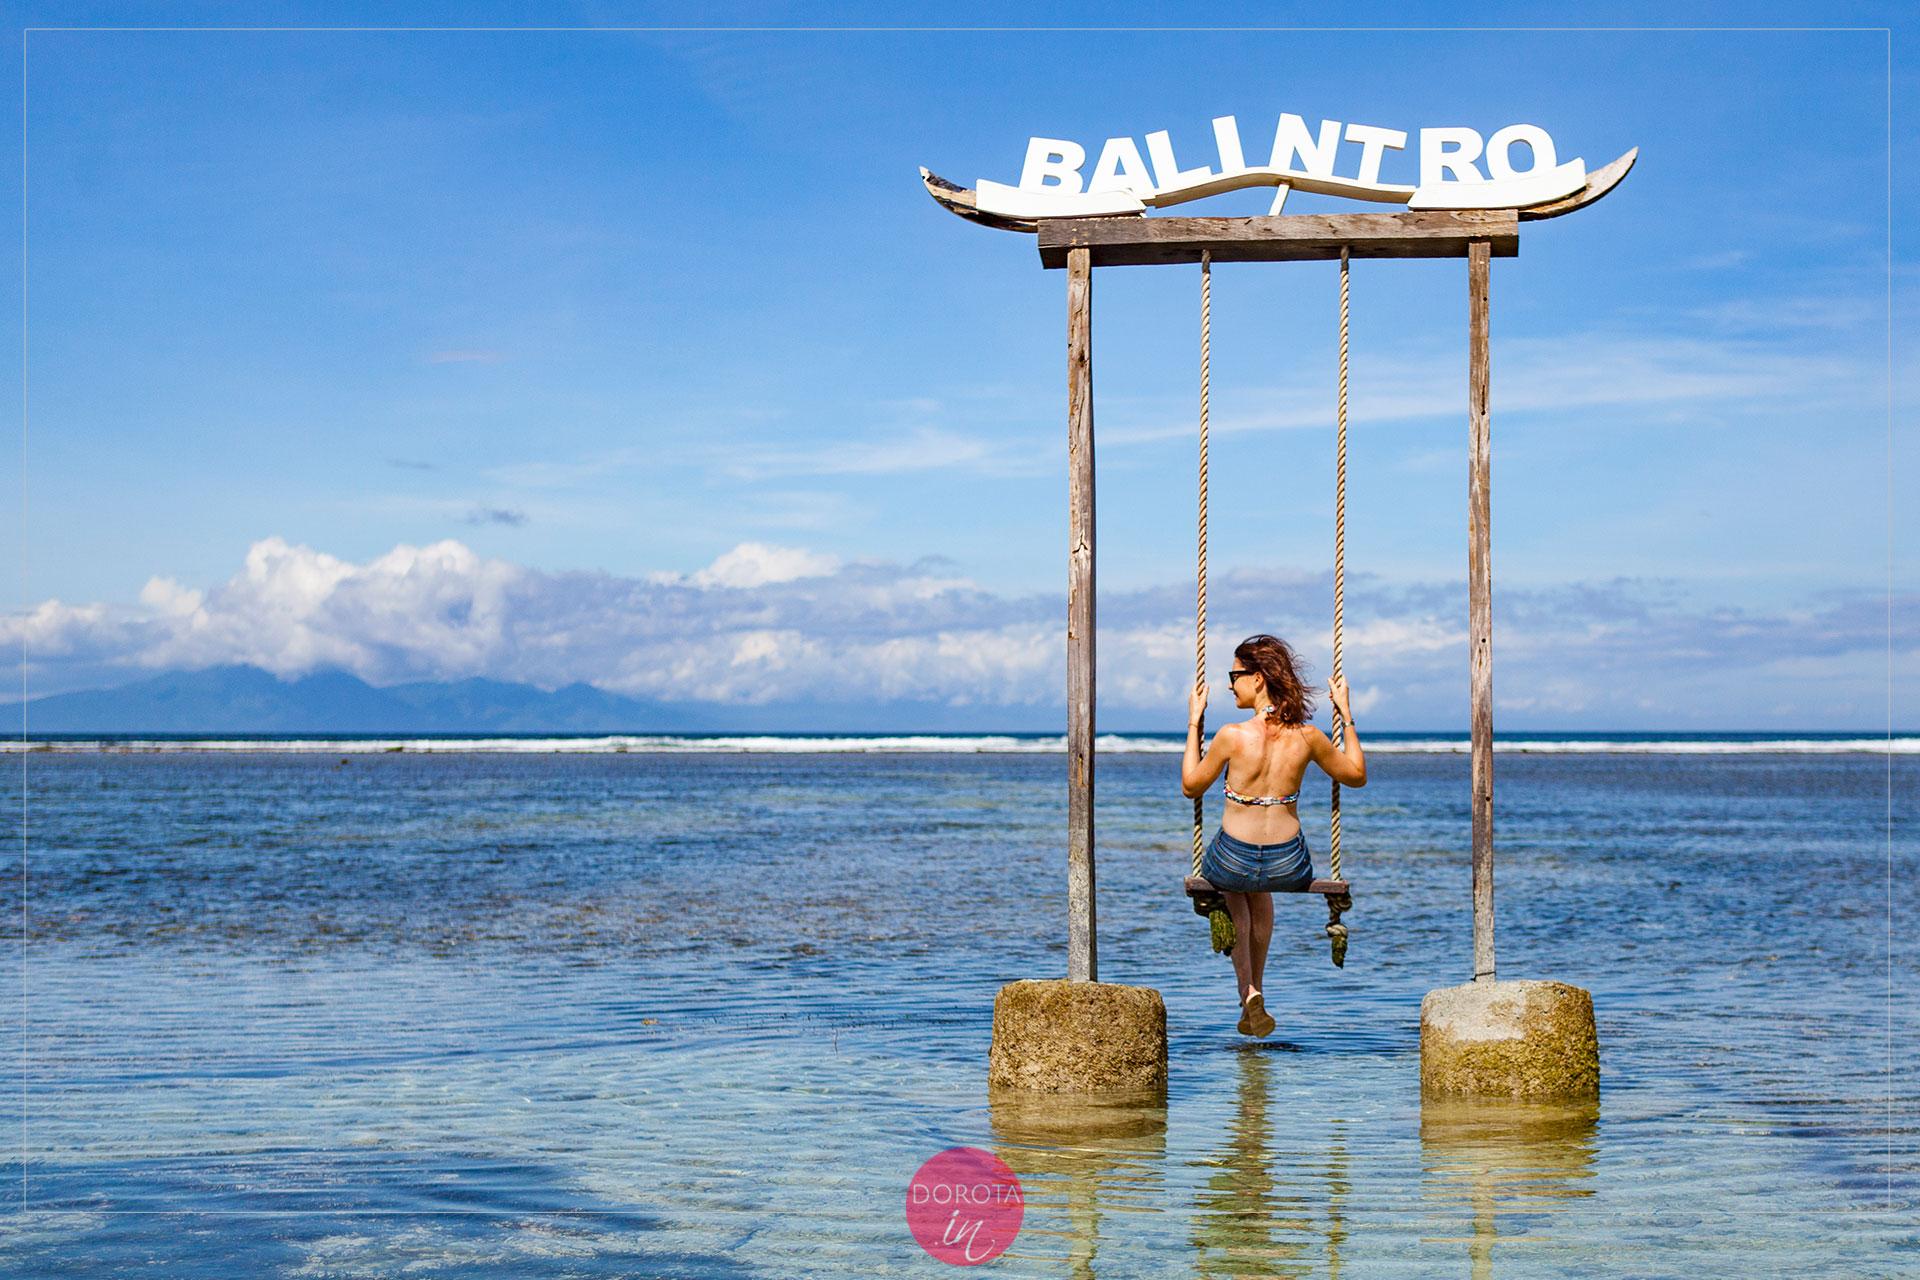 Pierwsza huśtawka wypróbowana - Balintro